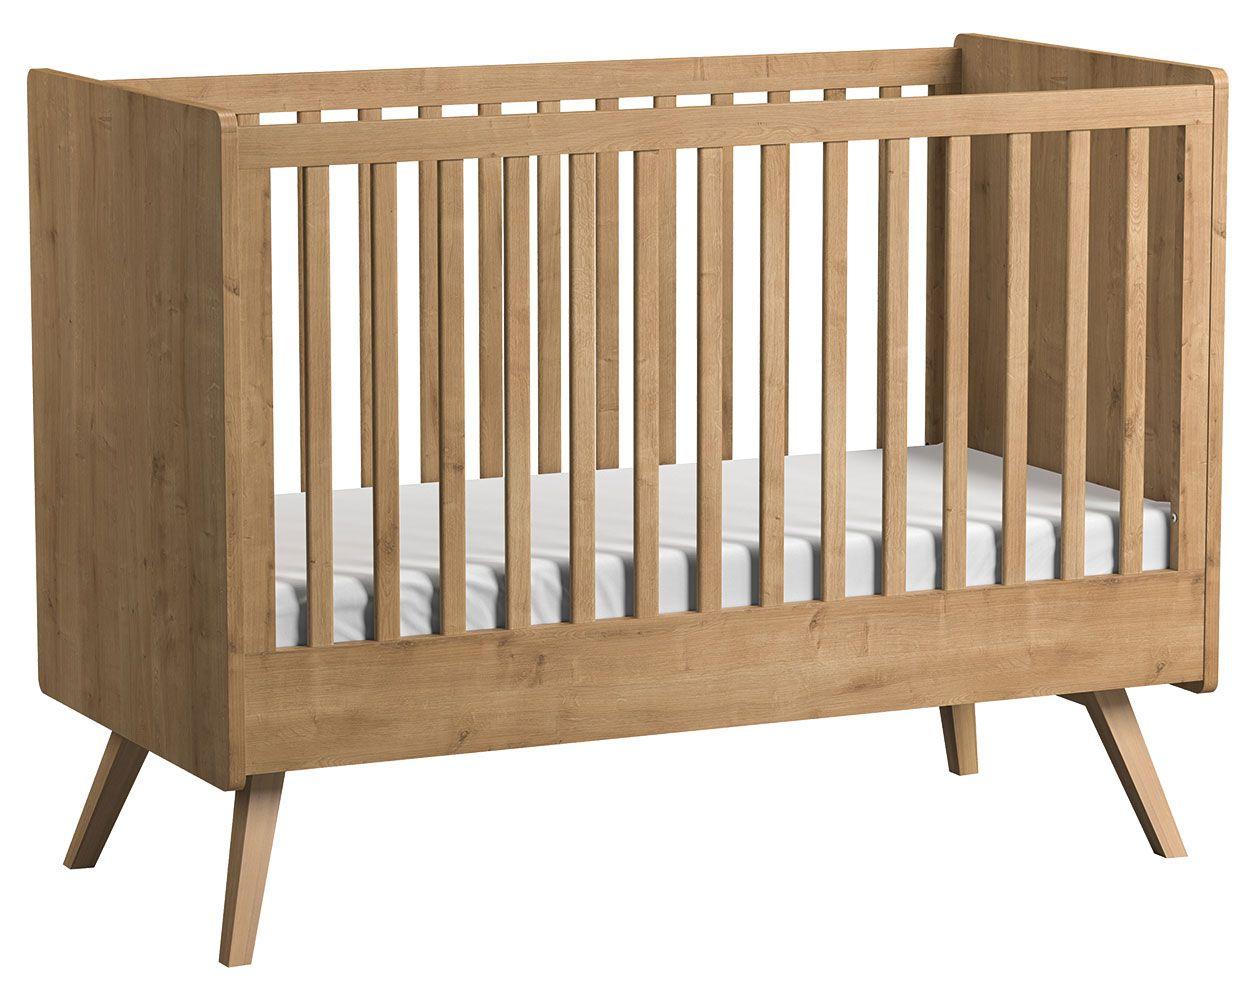 Babybett / Gitterbett Jorinde 02, Farbe: Eiche - Liegefläche: 70 x 140 cm (B x L)